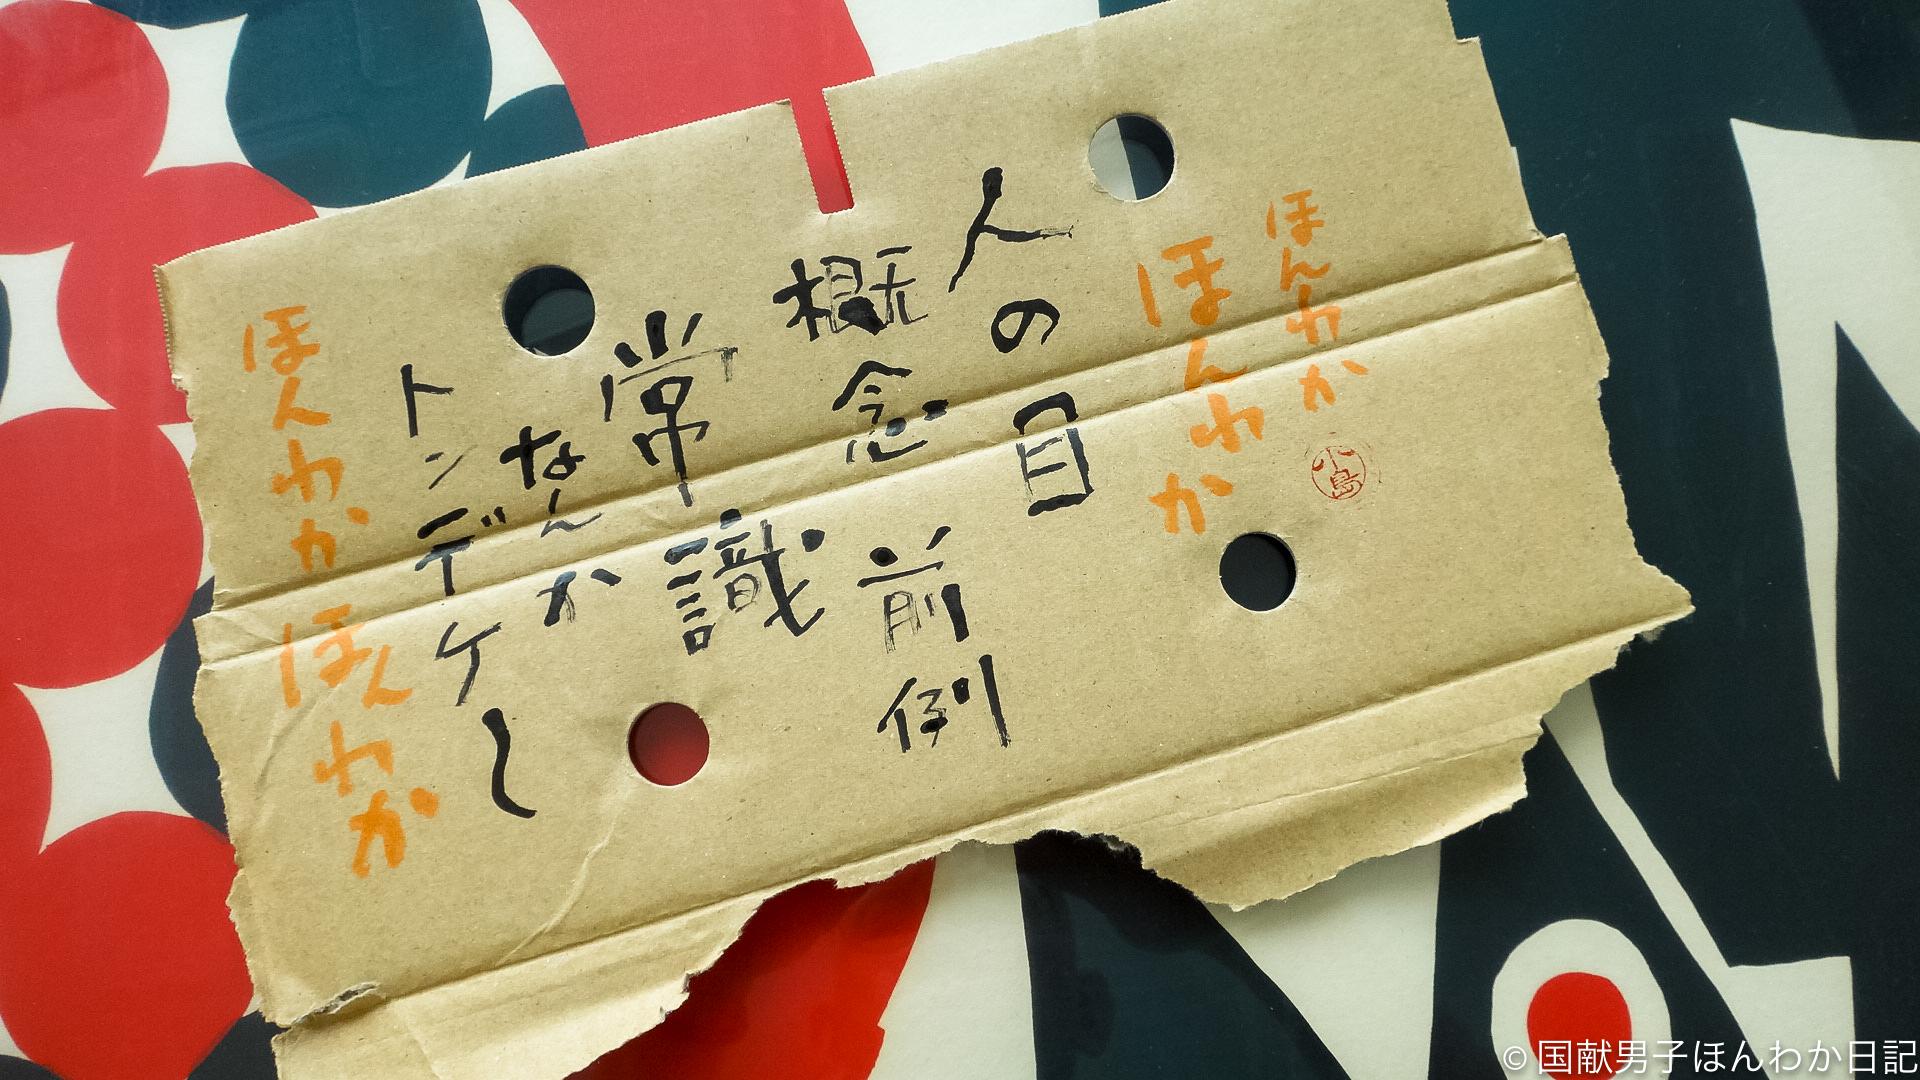 小僧落書き、背景は村井正誠※の作品(撮影:筆者)